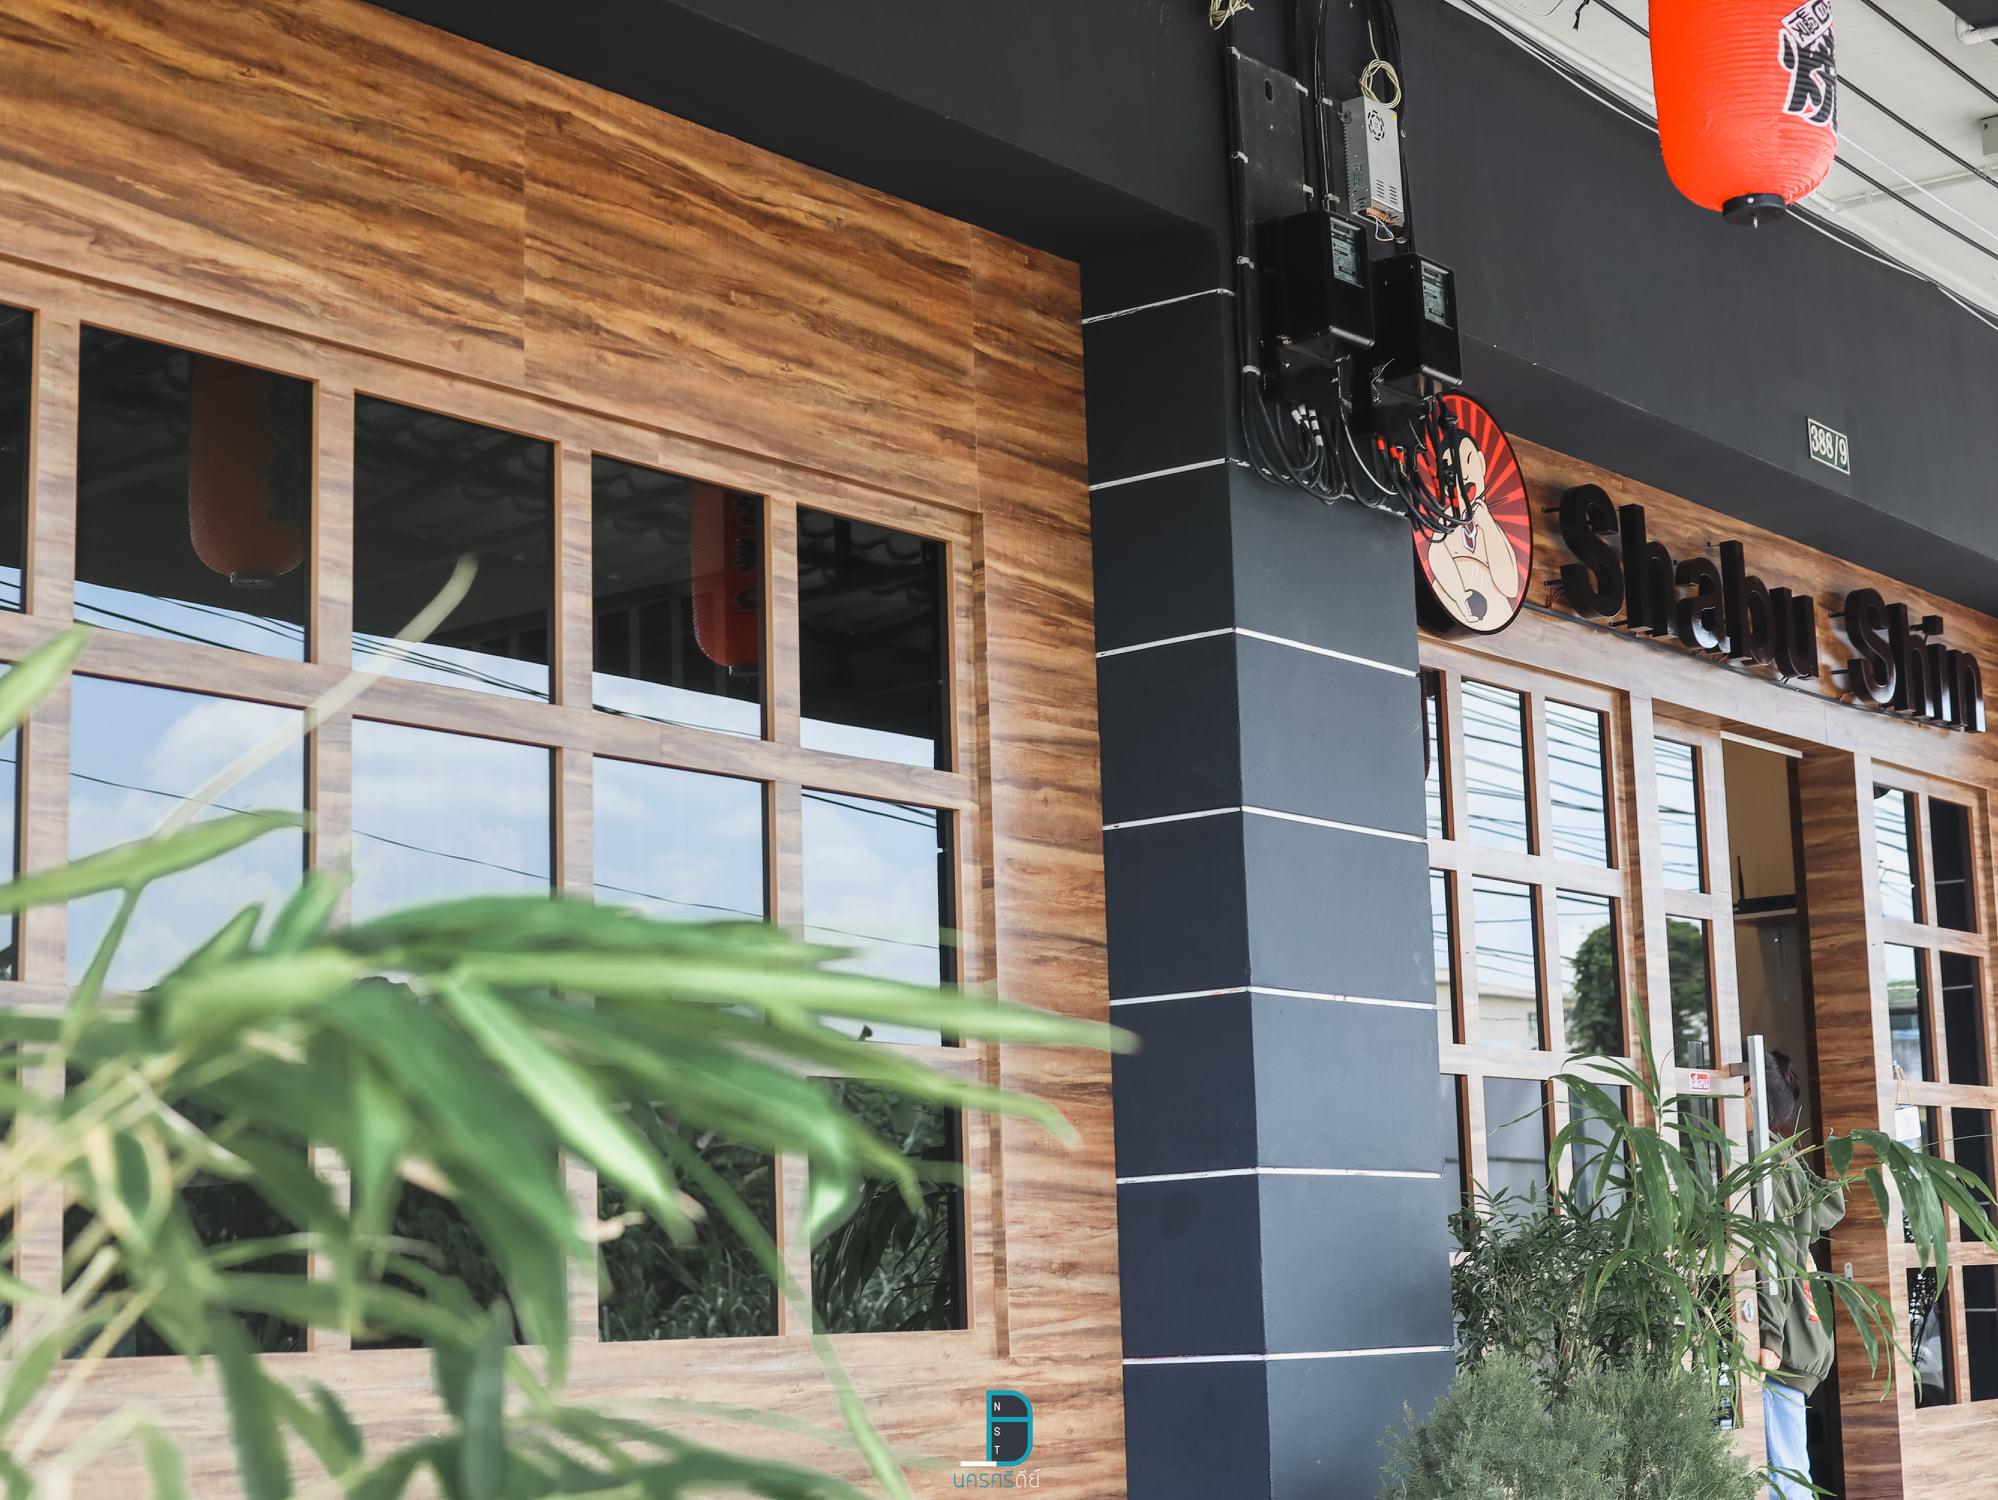 ชาบู ทุ่งสง Shabu ชาบูชิน บุฟเฟ่ต์ร้านเด็ดแห่งทุ่งสง ห้องแอร์สบาย นครศรีดีย์